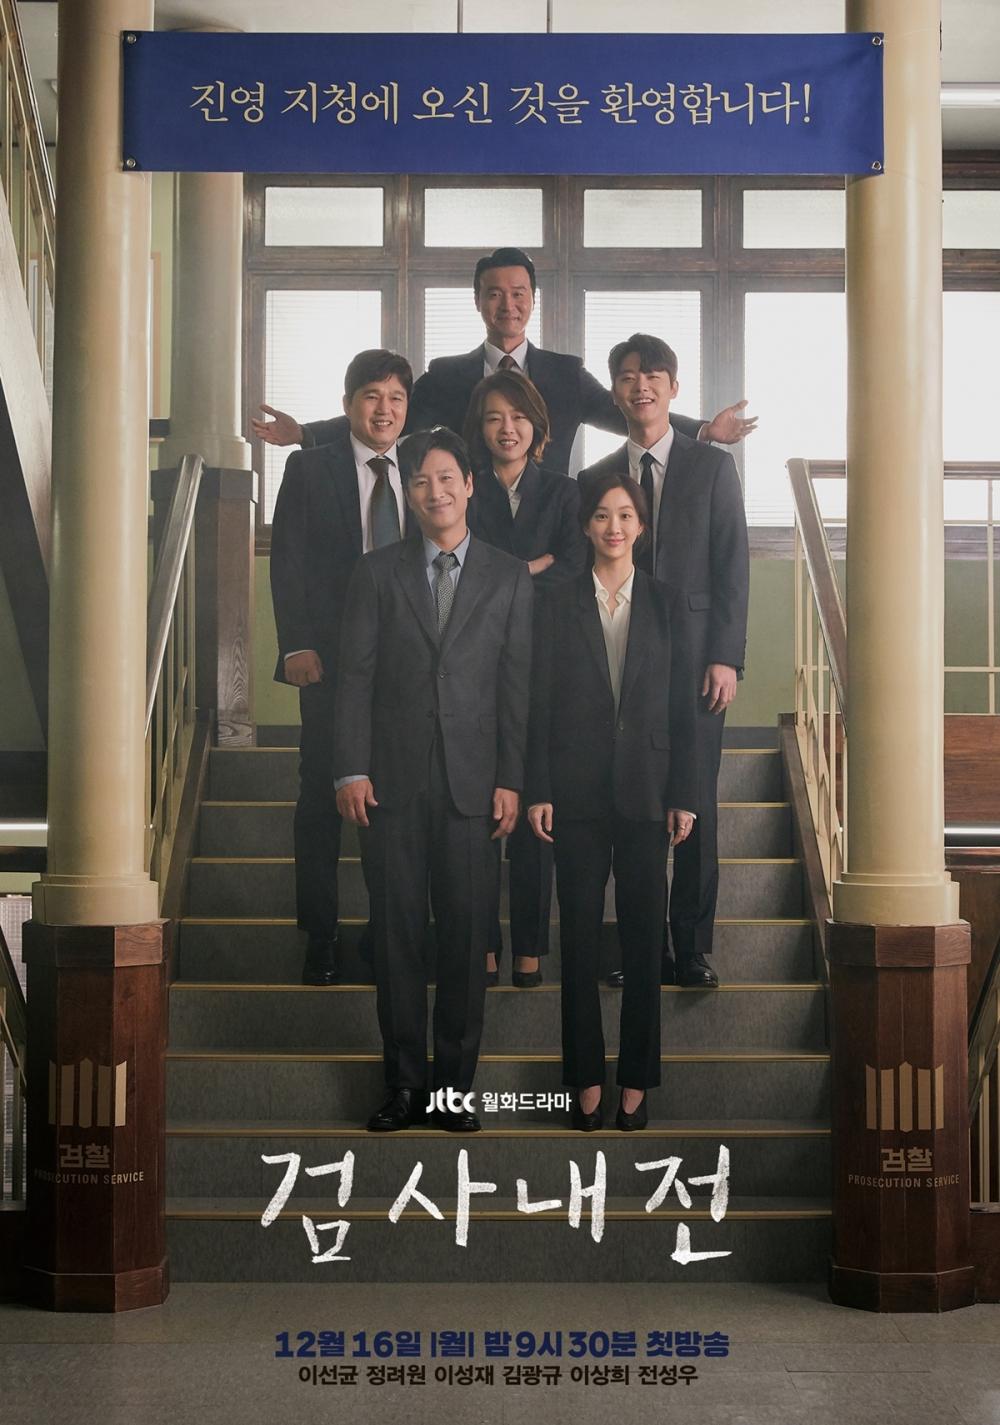 7 Drama Korea dengan rating tinggi Januari 2020 berbagai sumber